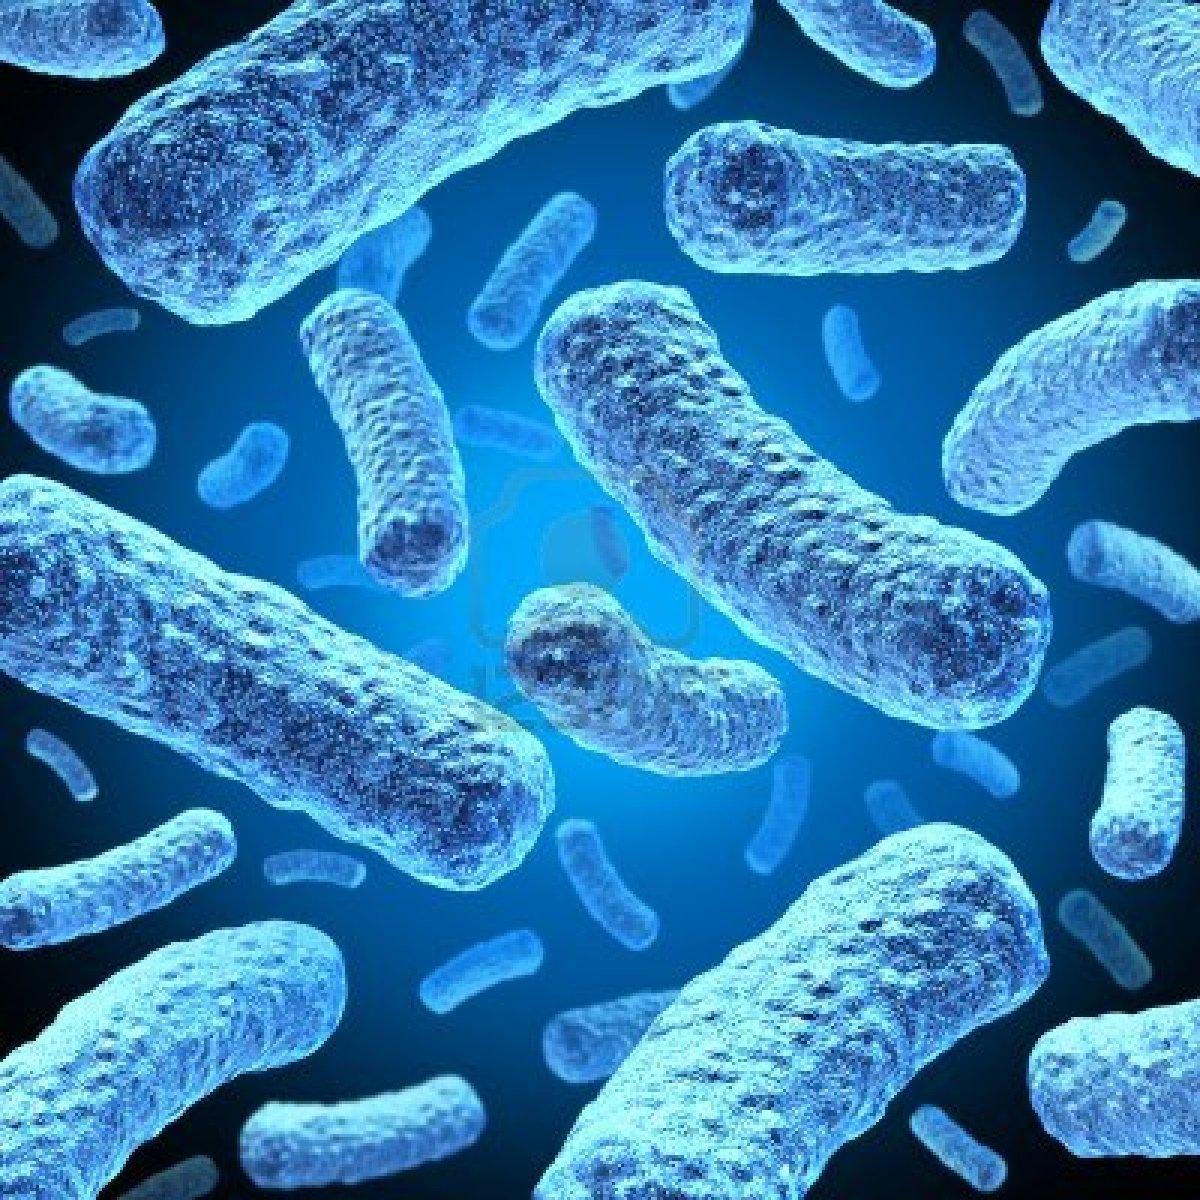 Patentan bacterias que producen biodiesel de forma más eficiente y limpia